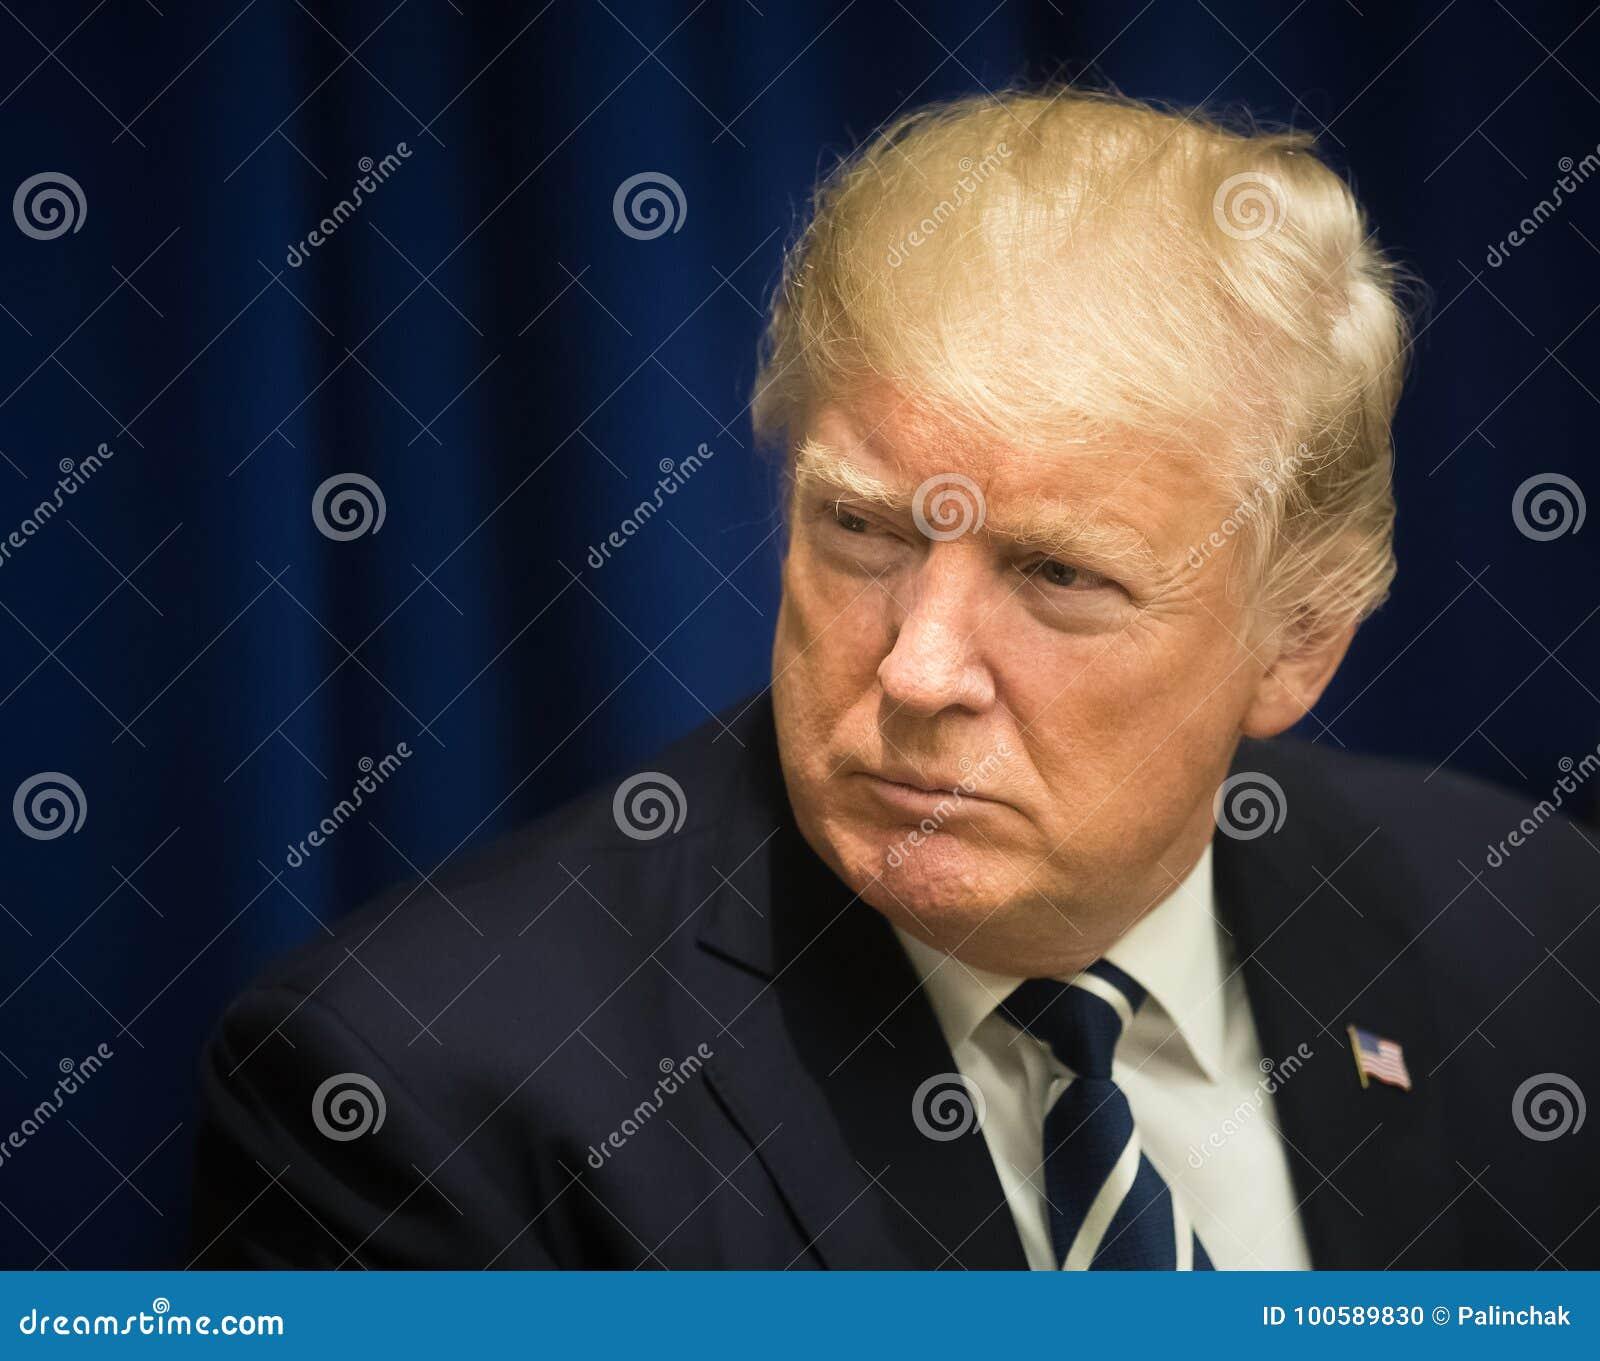 Präsident der Vereinigten Staaten Donald Trump